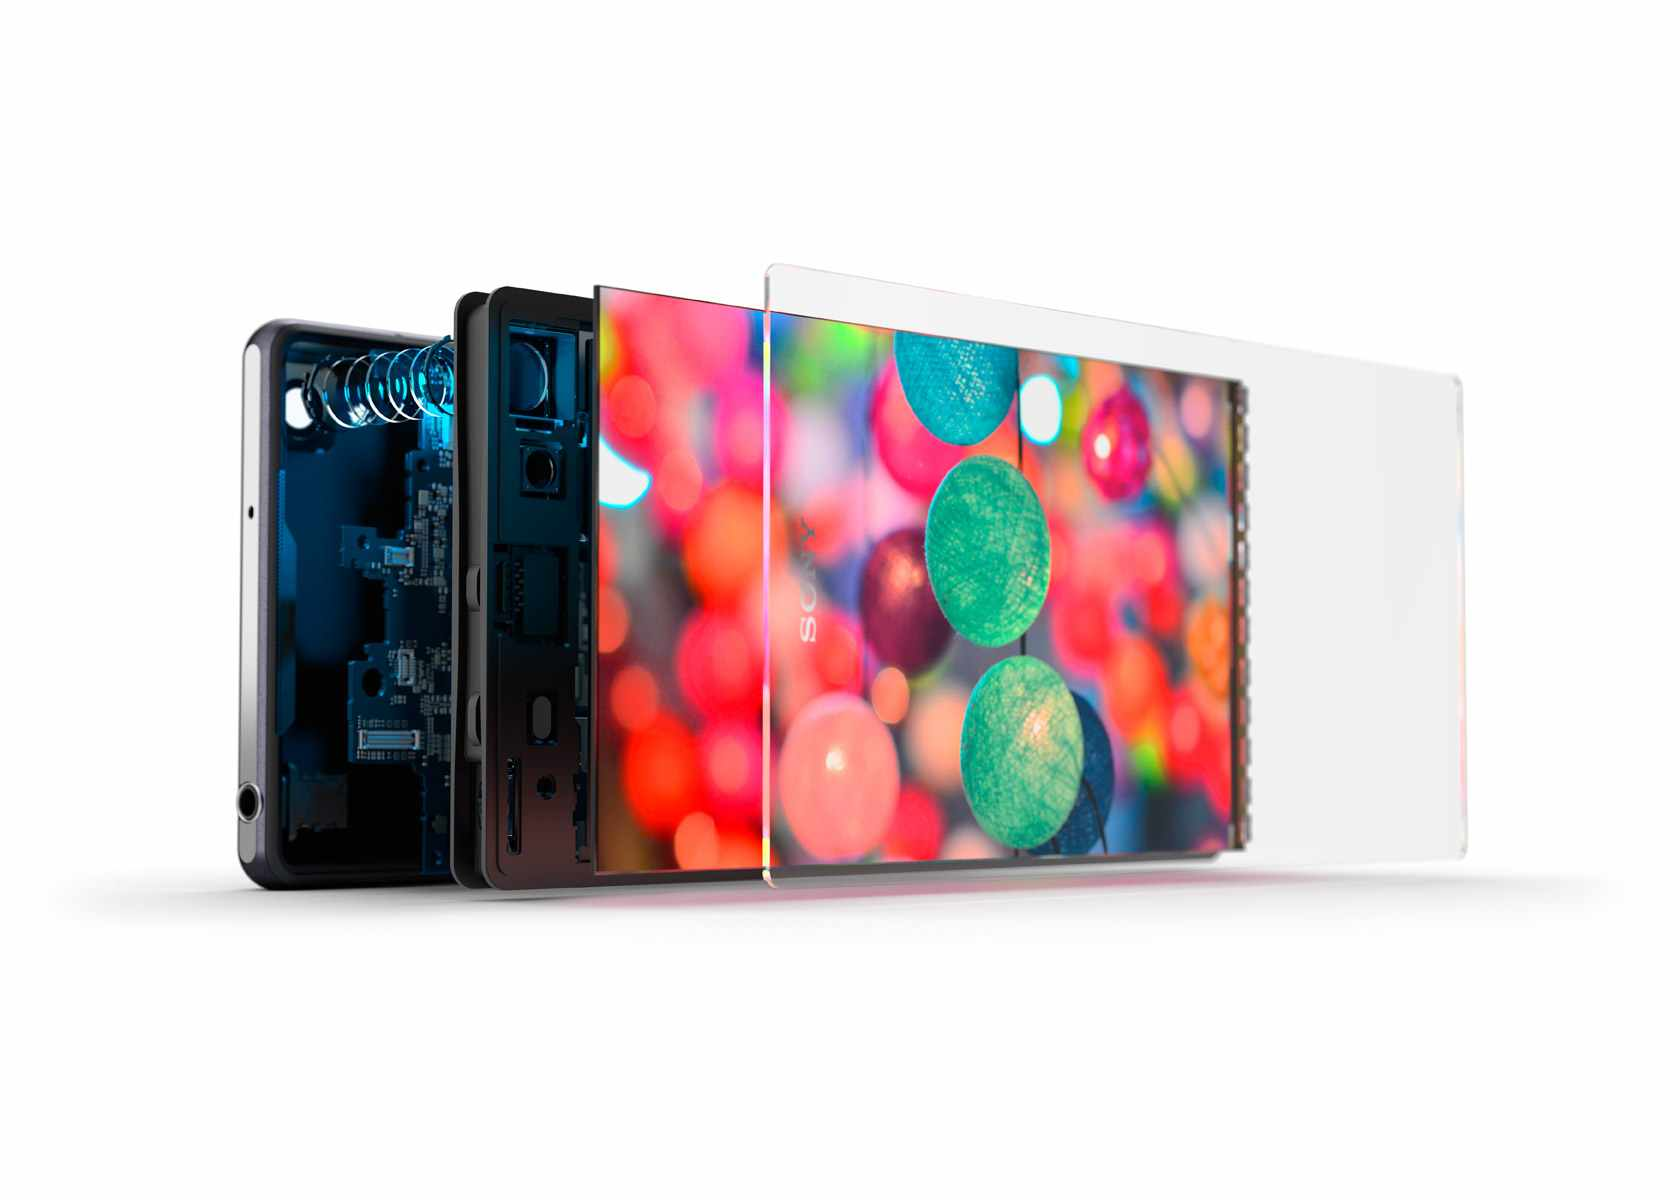 Sony-Xperia-Z2-glass